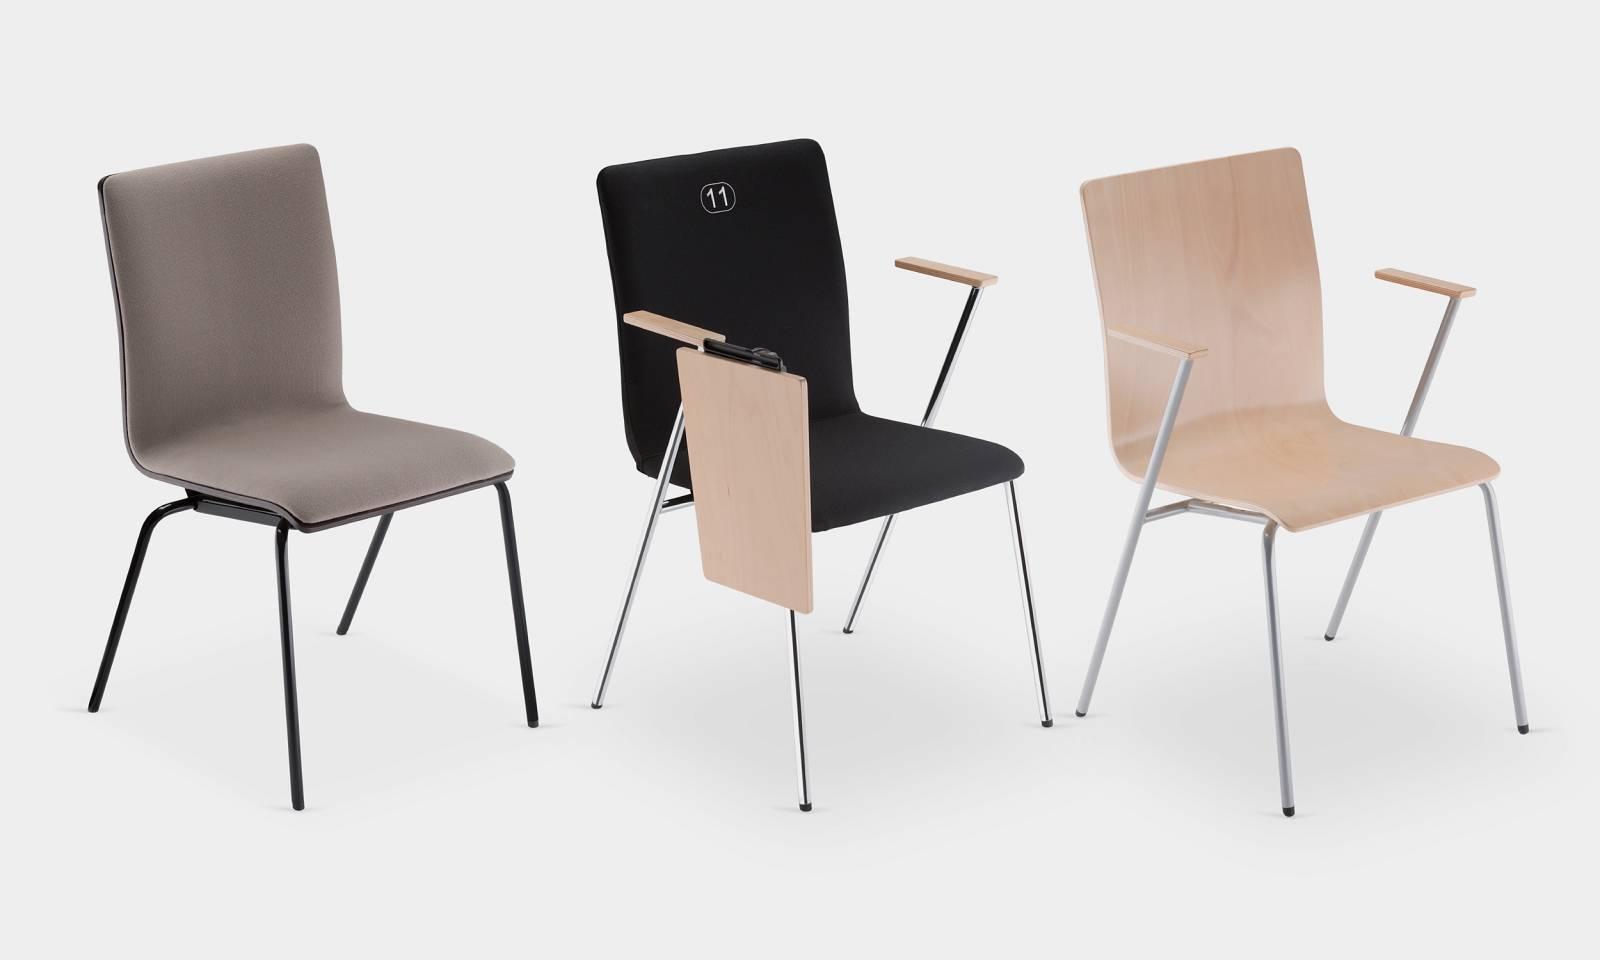 3 modèles de chaises de la gamme FEN sur Aix en Provence